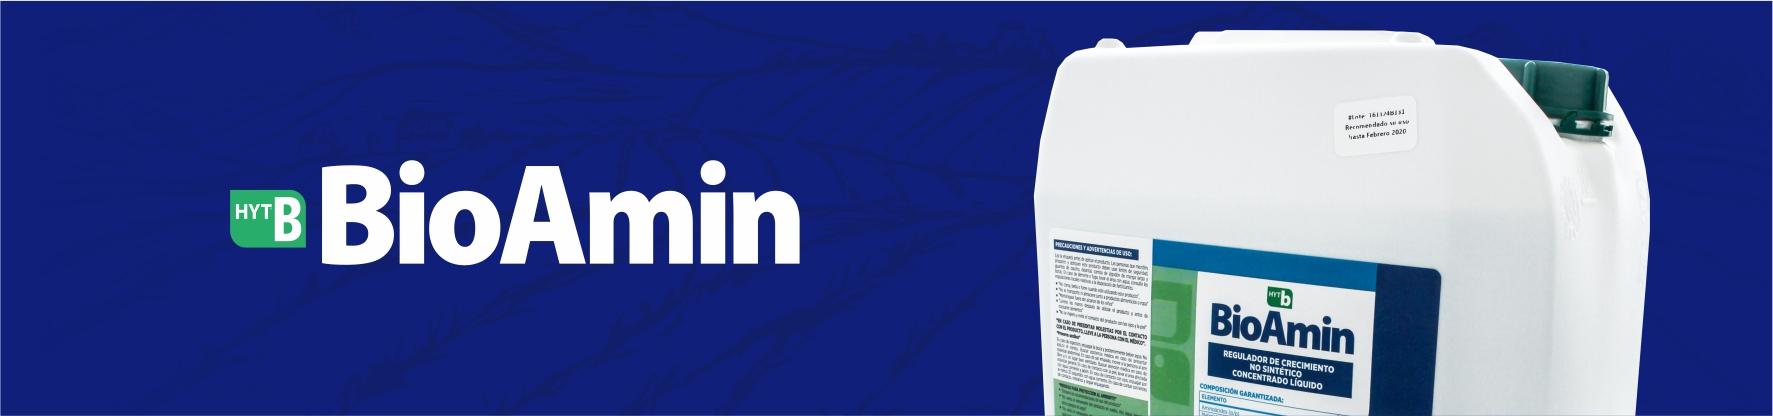 Bioamin